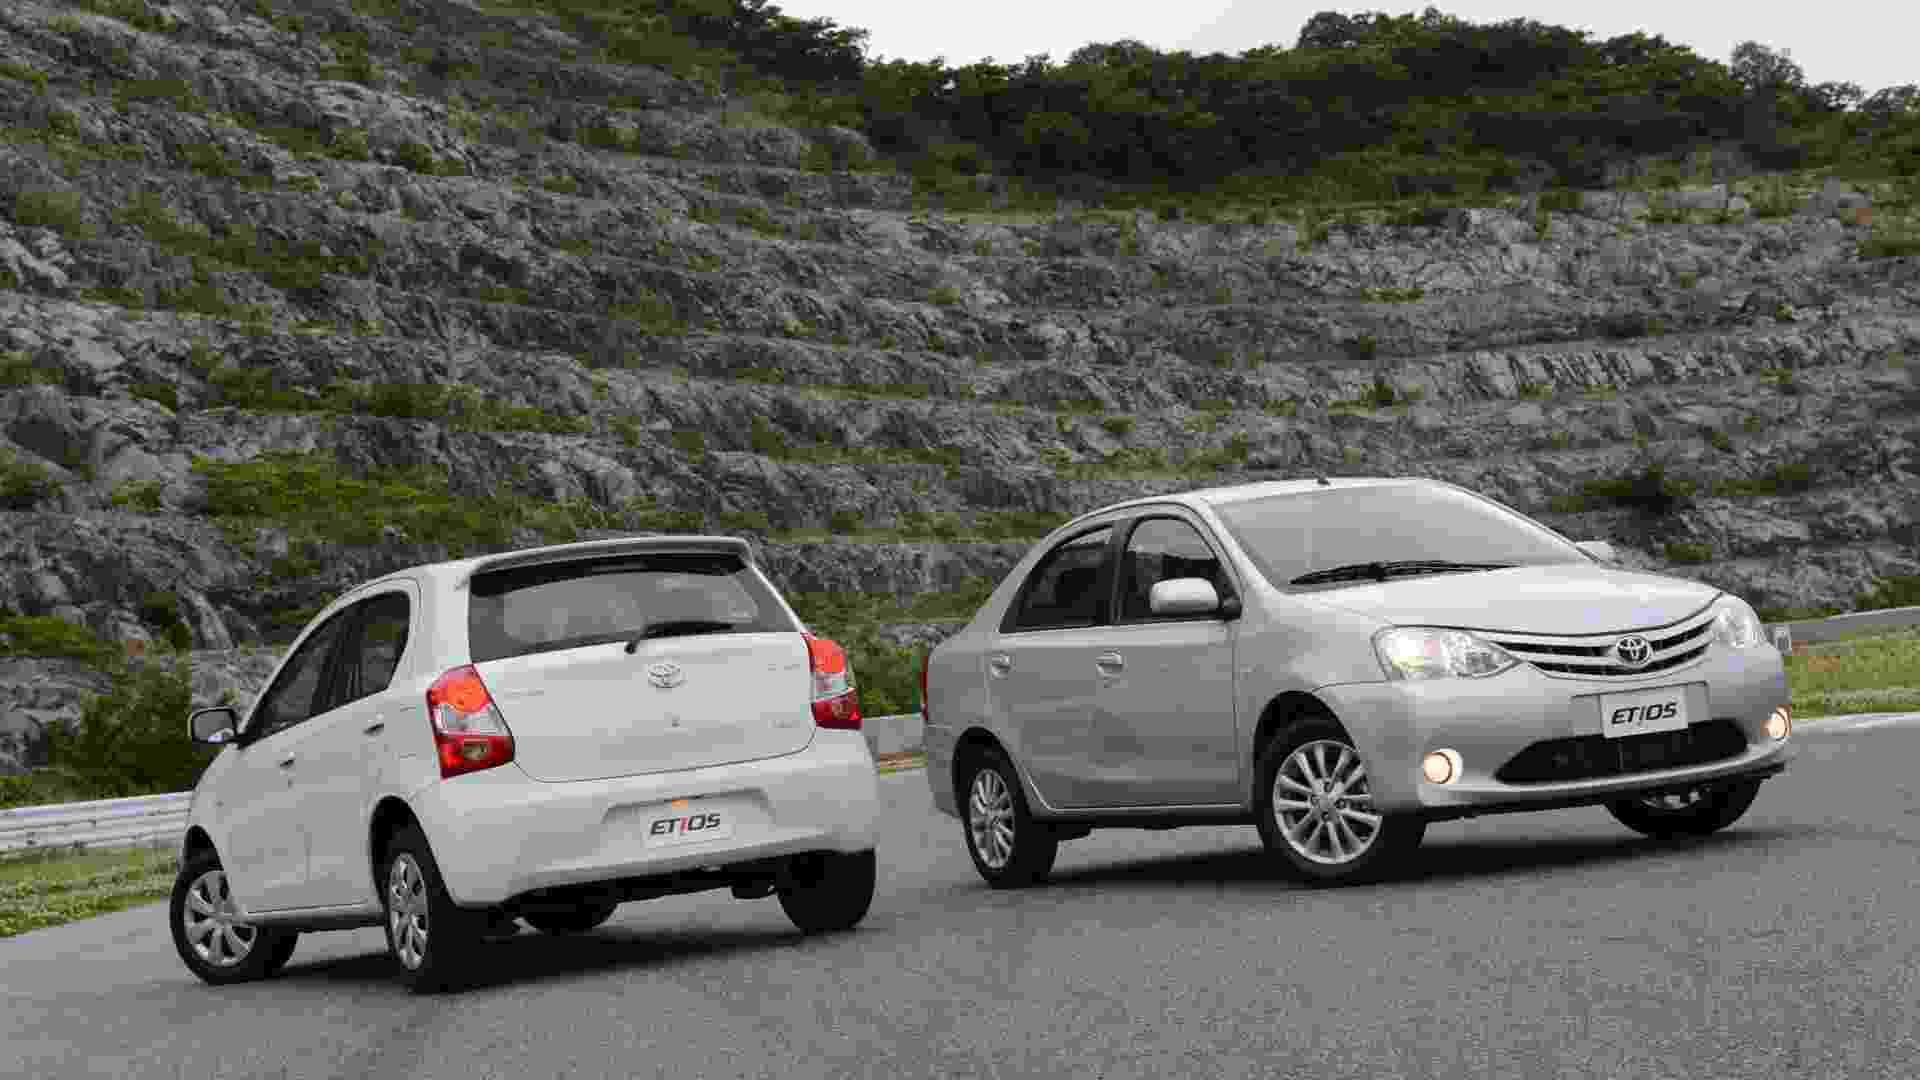 A Toyota apresentou o Etios, que deve chegar em setembro nas variações hatch e sedã; preços ainda são segredo - Divulgação